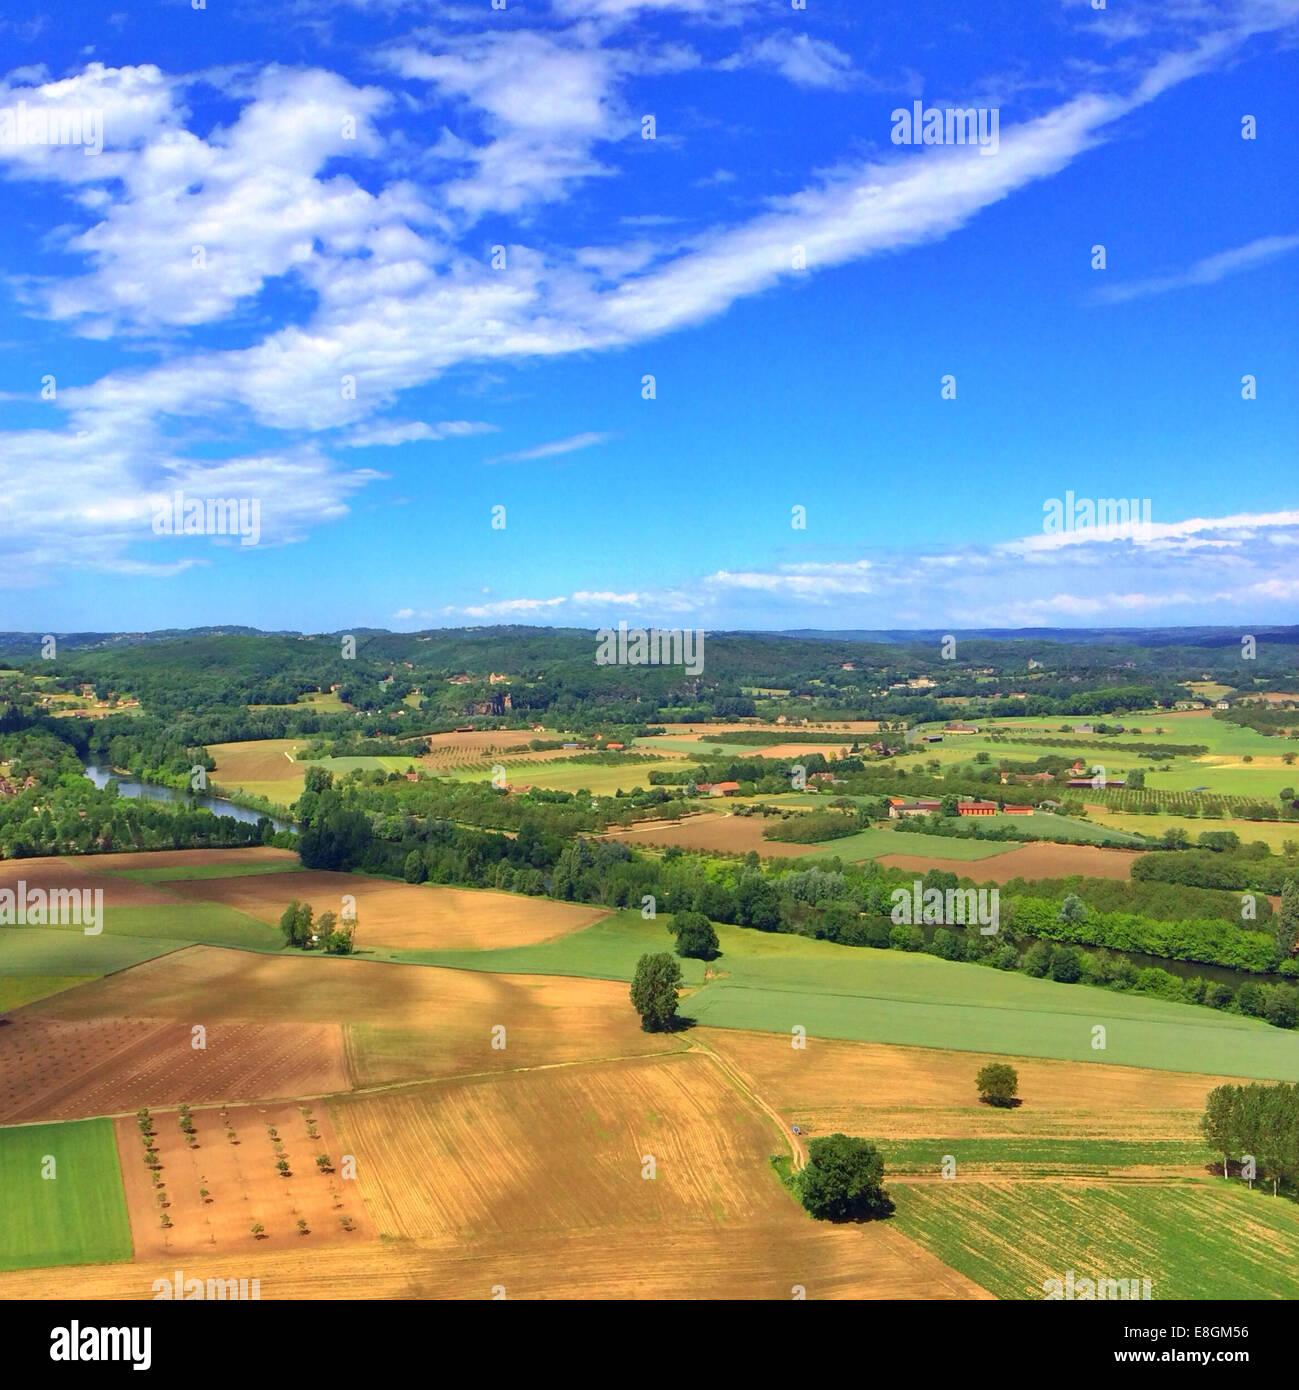 Vista aérea del paisaje rural, Lot, Francia Imagen De Stock